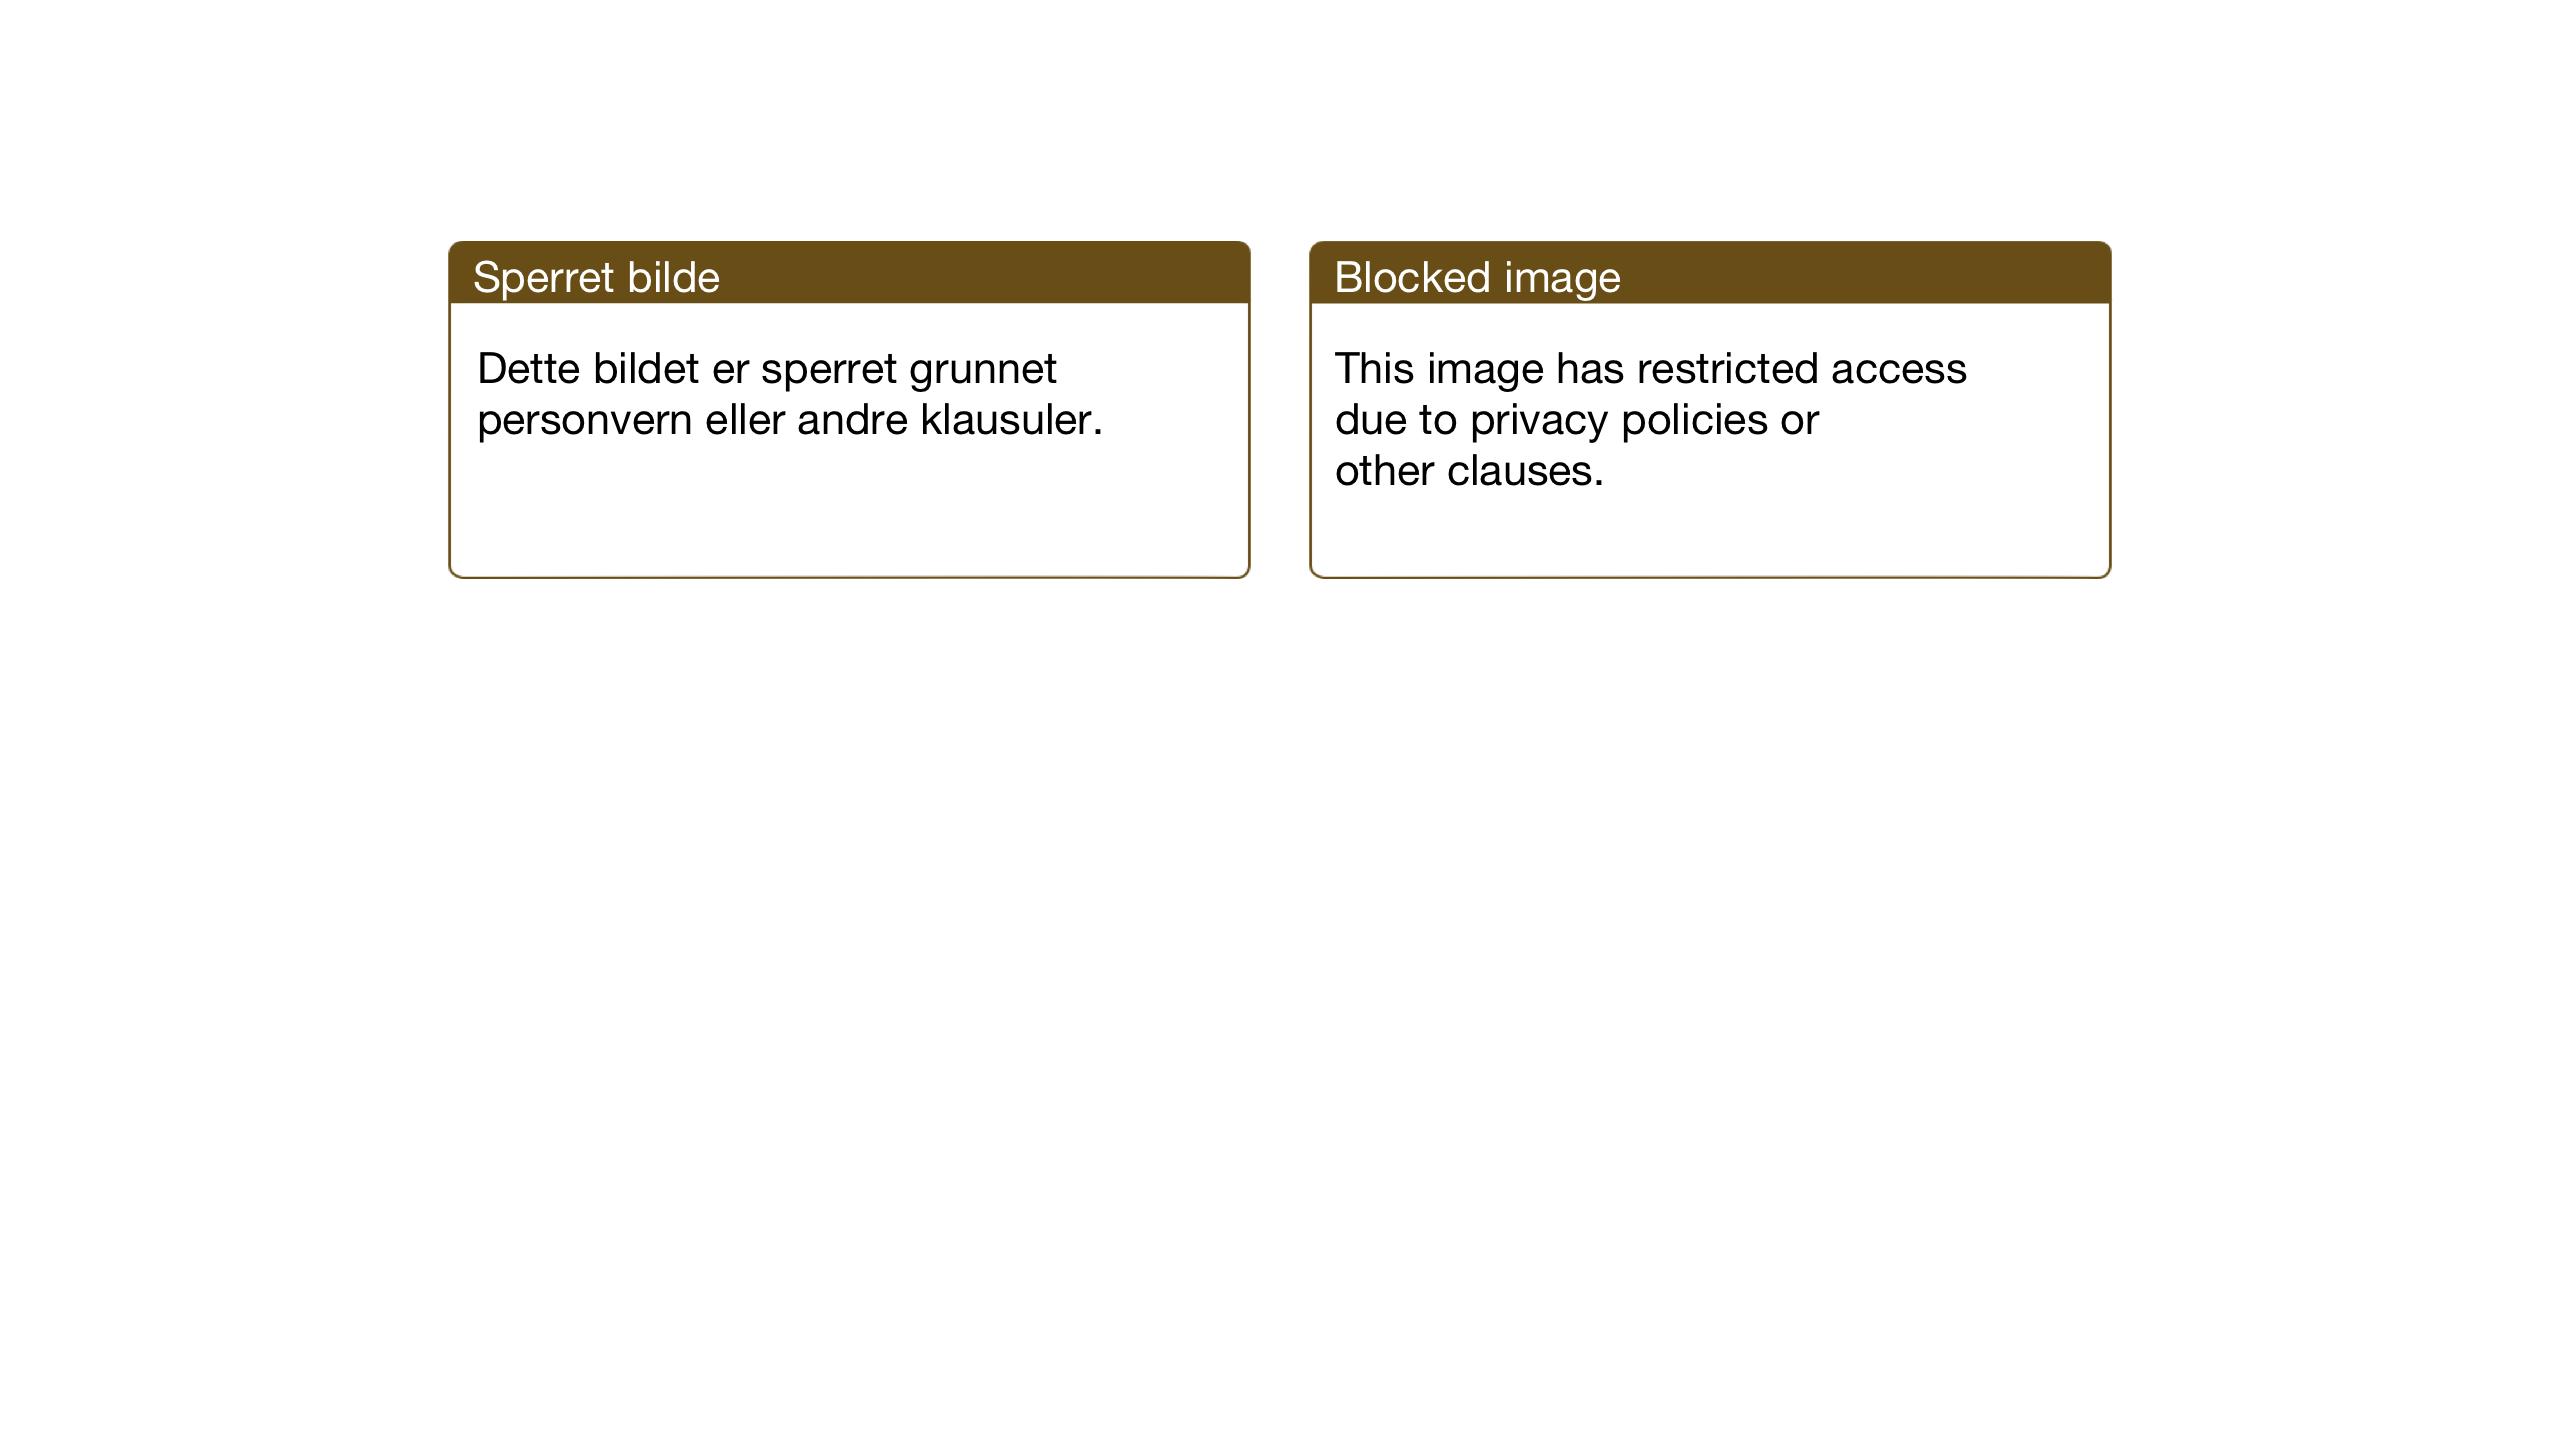 SAT, Ministerialprotokoller, klokkerbøker og fødselsregistre - Sør-Trøndelag, 662/L0758: Klokkerbok nr. 662C03, 1918-1948, s. 166